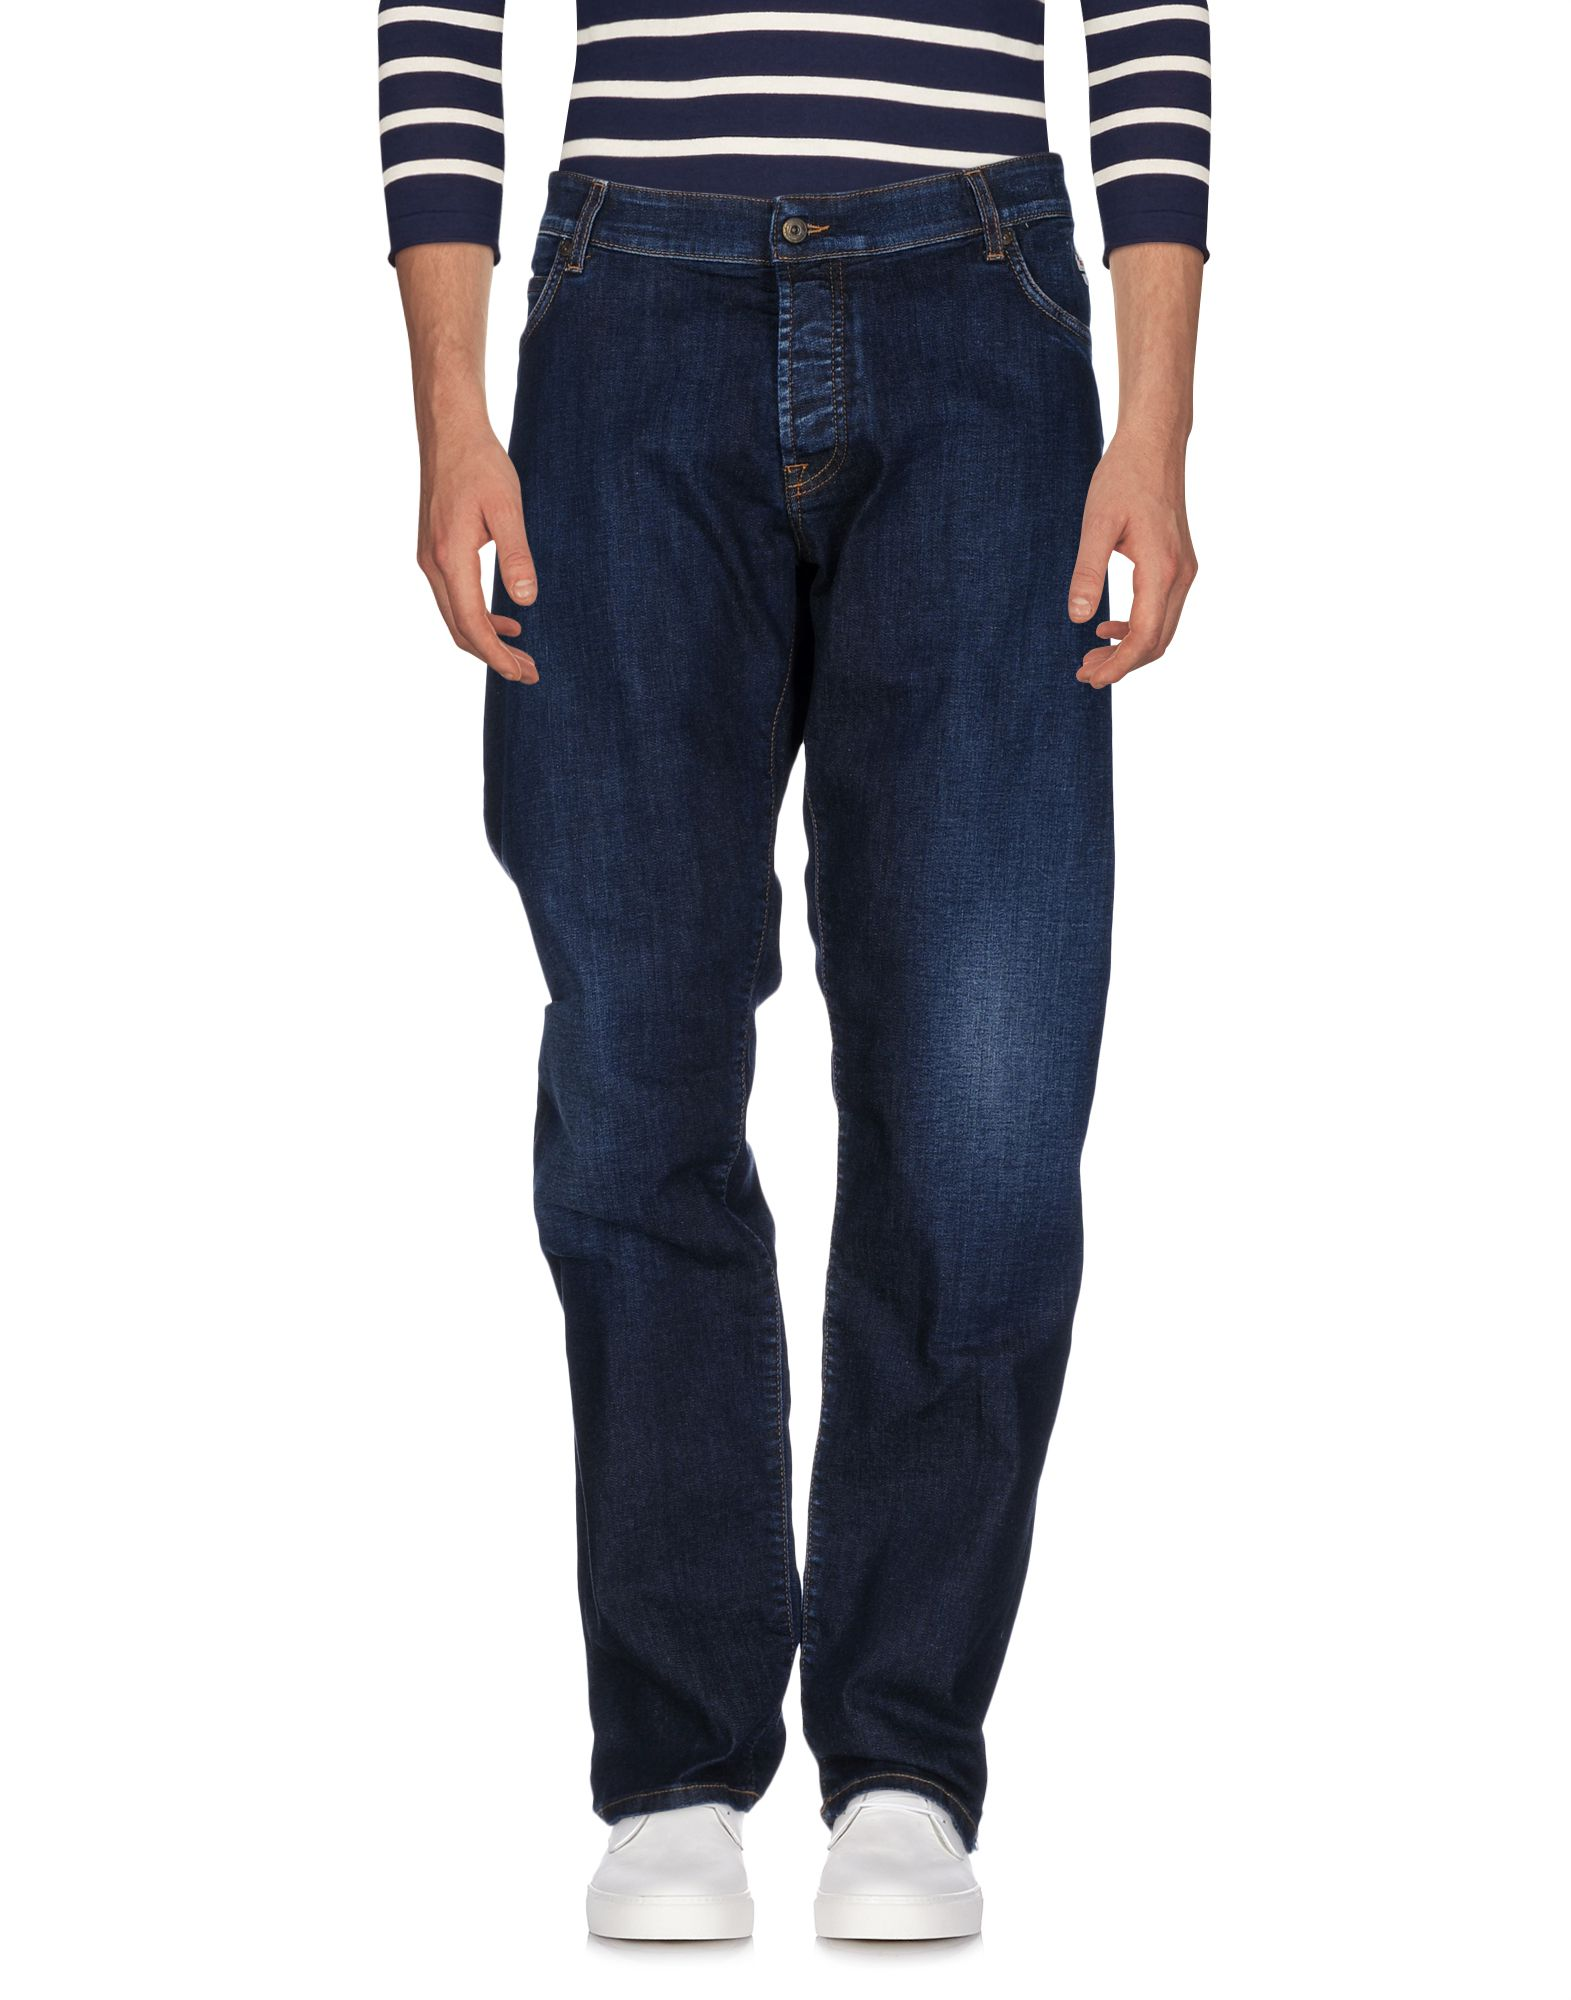 Pantaloni Pantaloni Pantaloni Jeans Ro  Roger's Uomo - 42623476HC 317d48